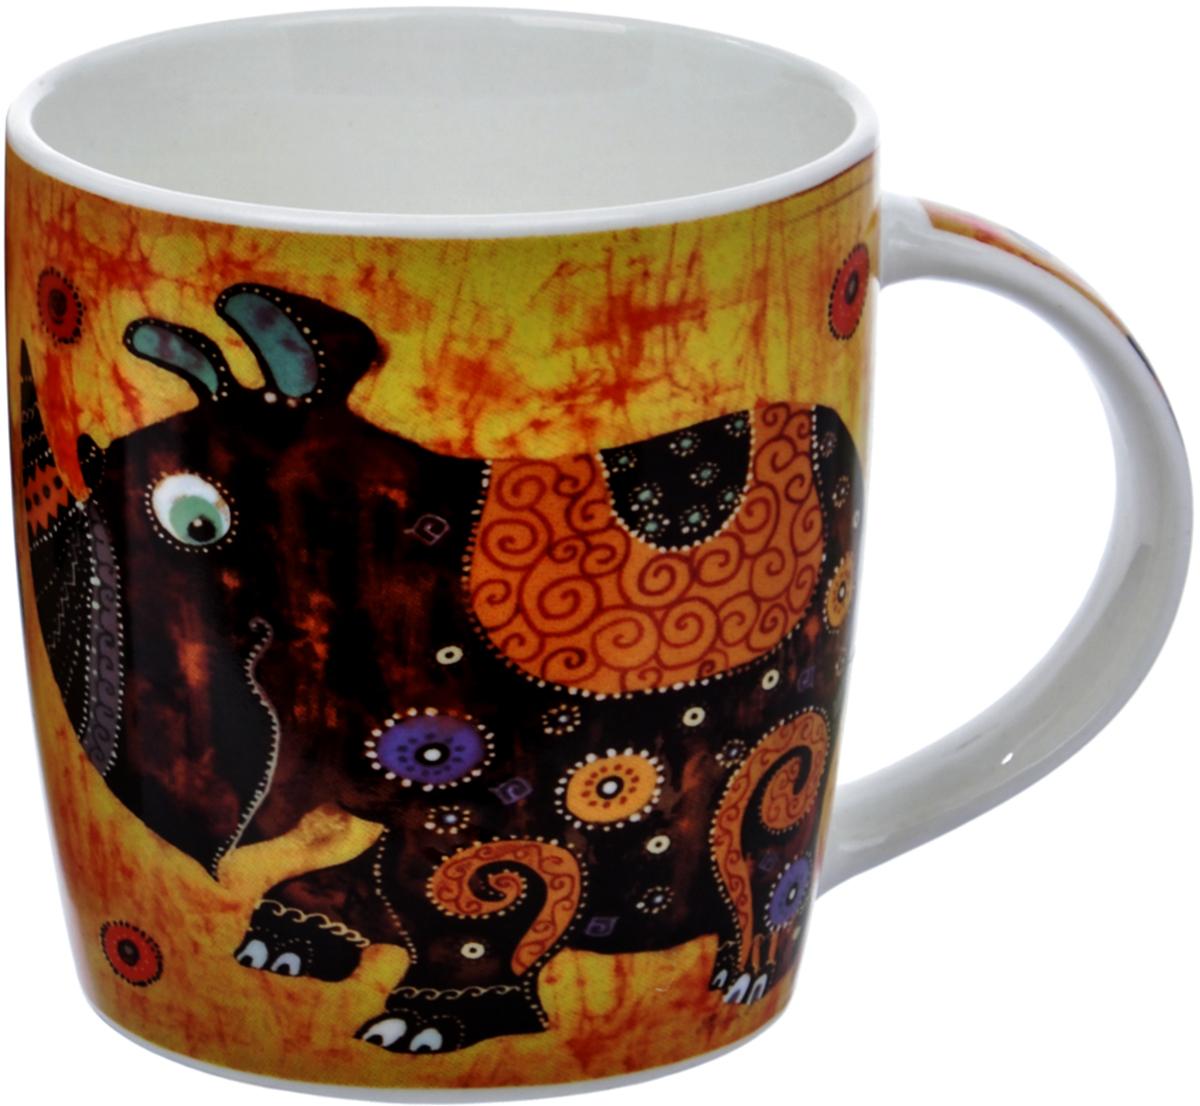 Кружка Liling Quanhu Удивительные звери. Носорог, 355 мл кружки из императорского фарфора купить в спб